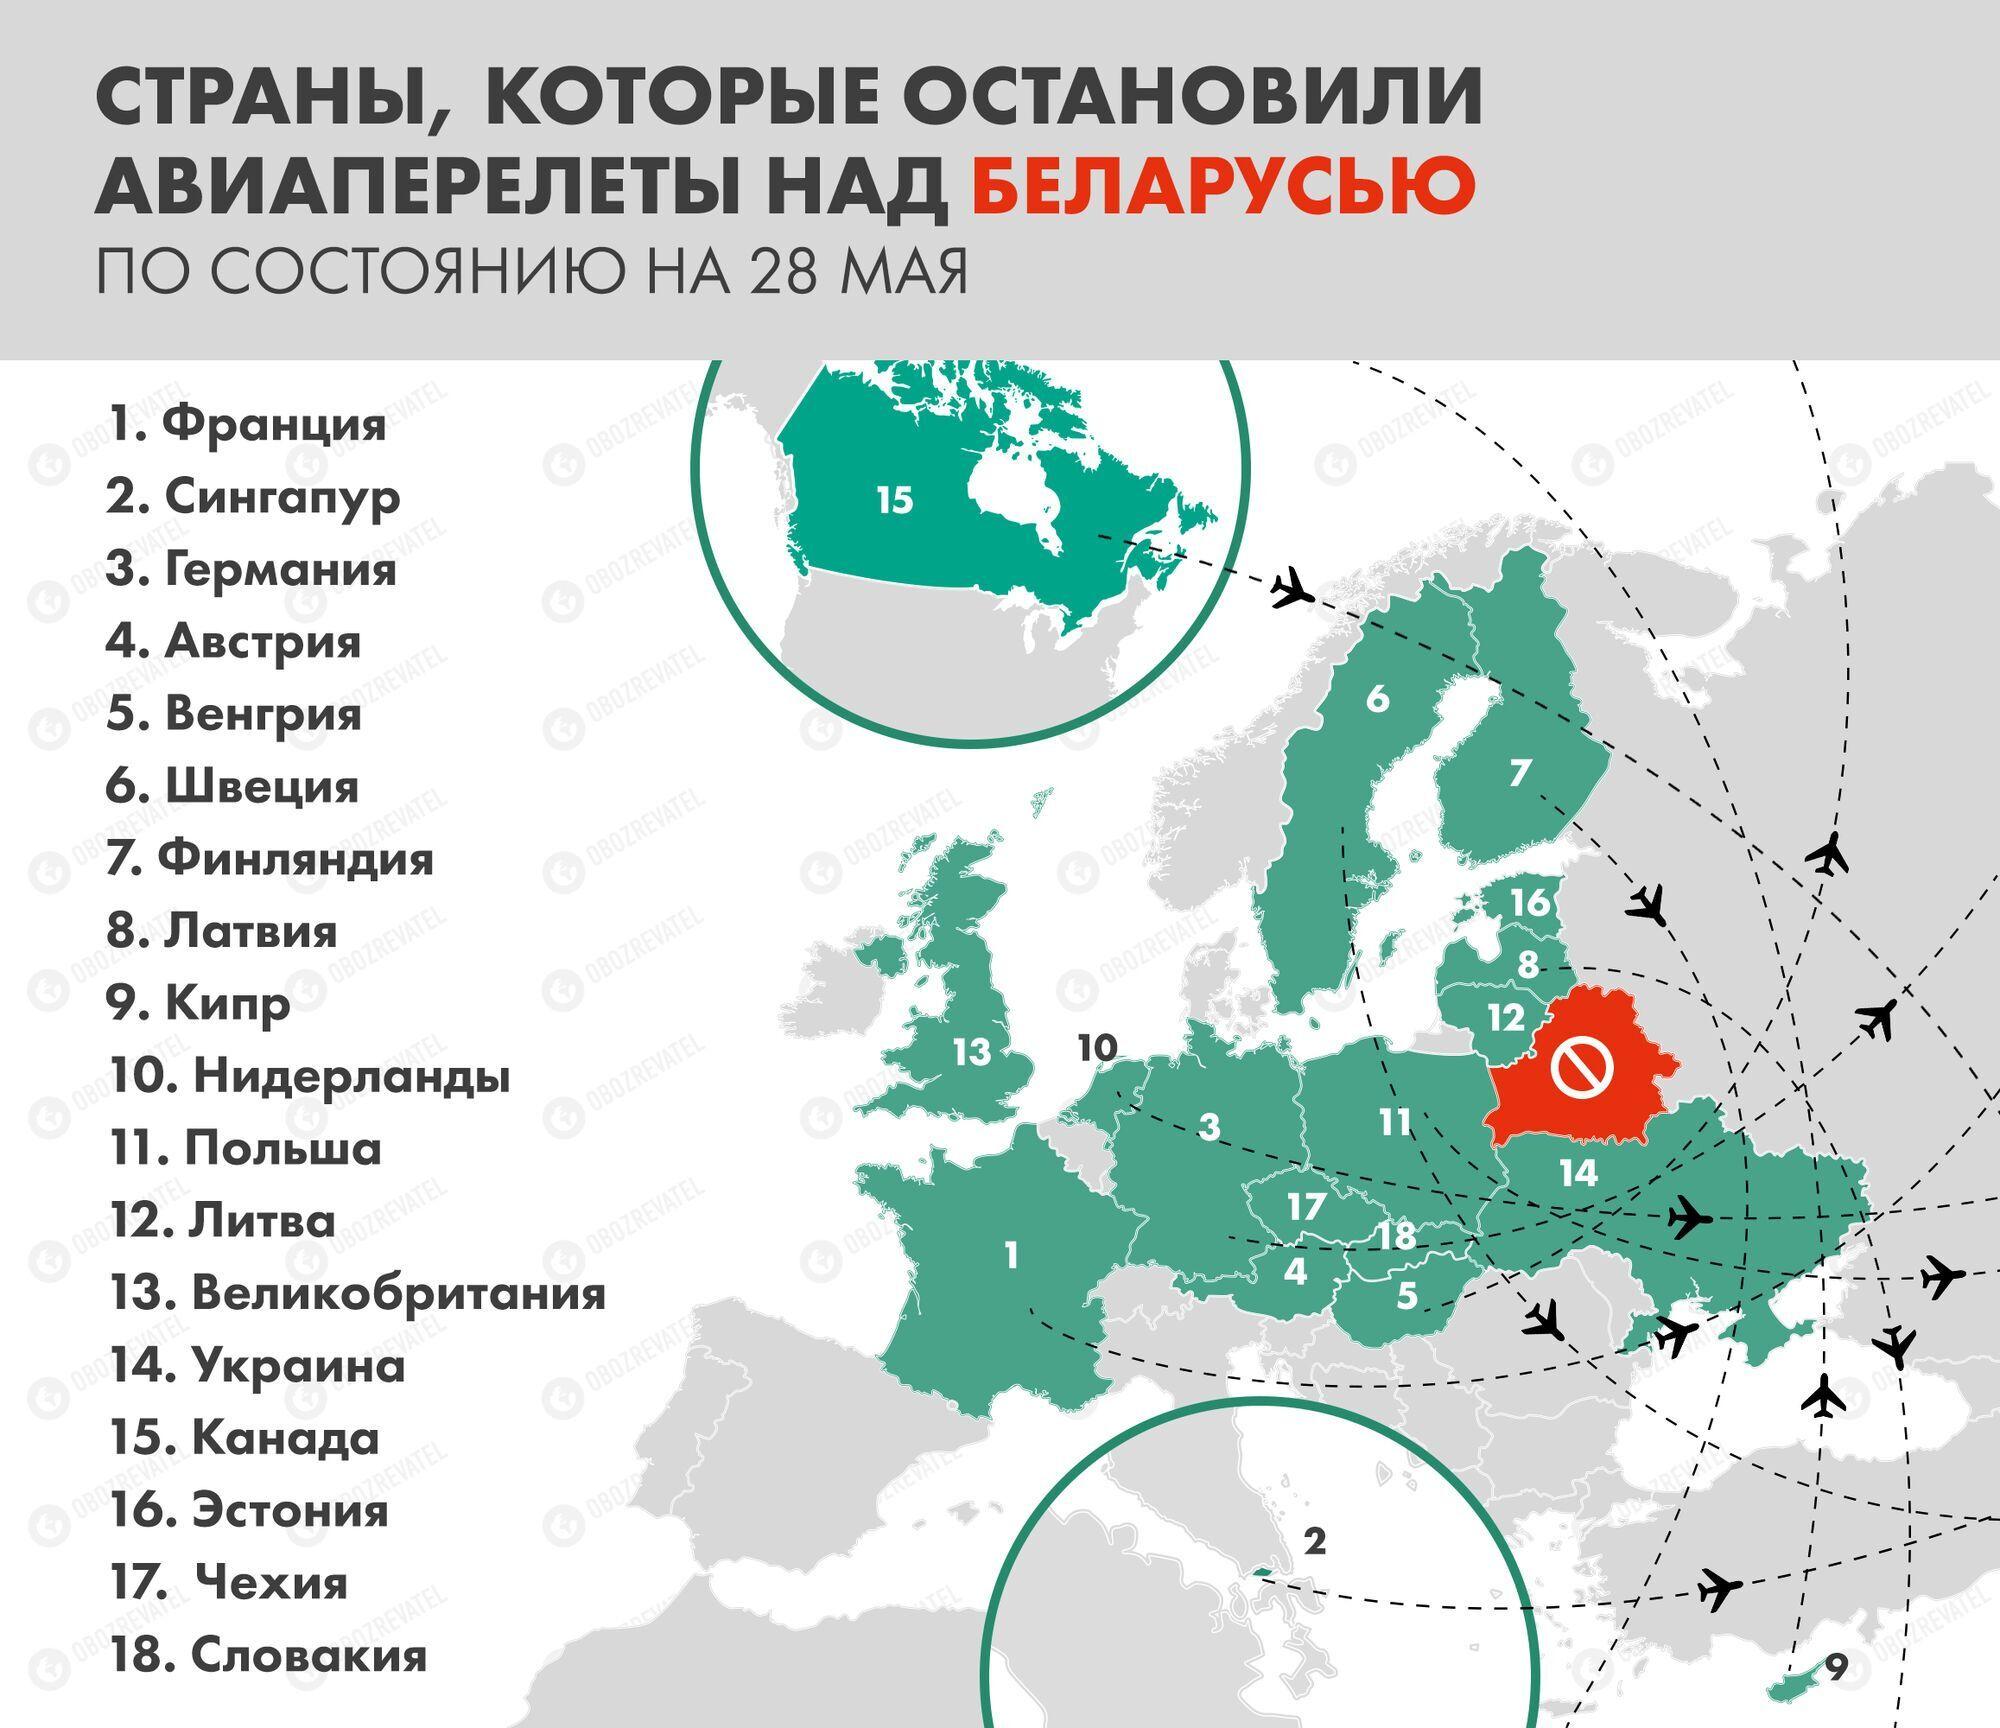 Страны, которые приостановили авиаперелеты над Беларусью